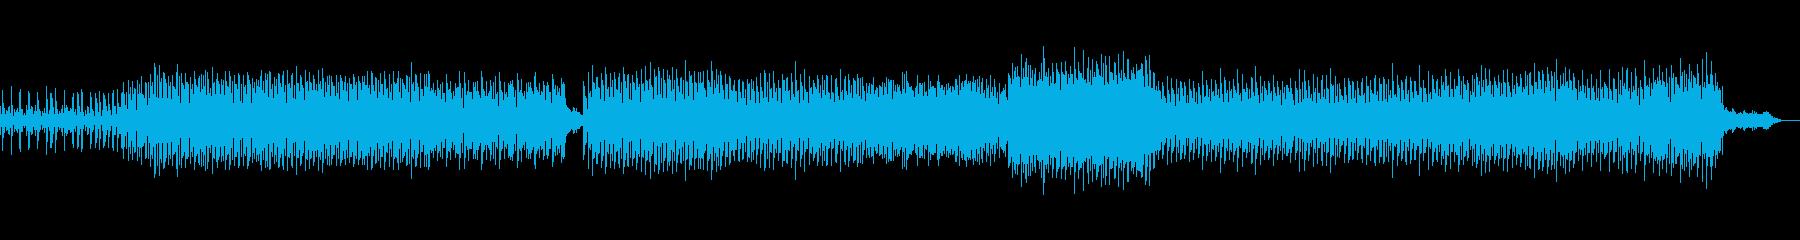 重厚なダーク系テックトランスの再生済みの波形